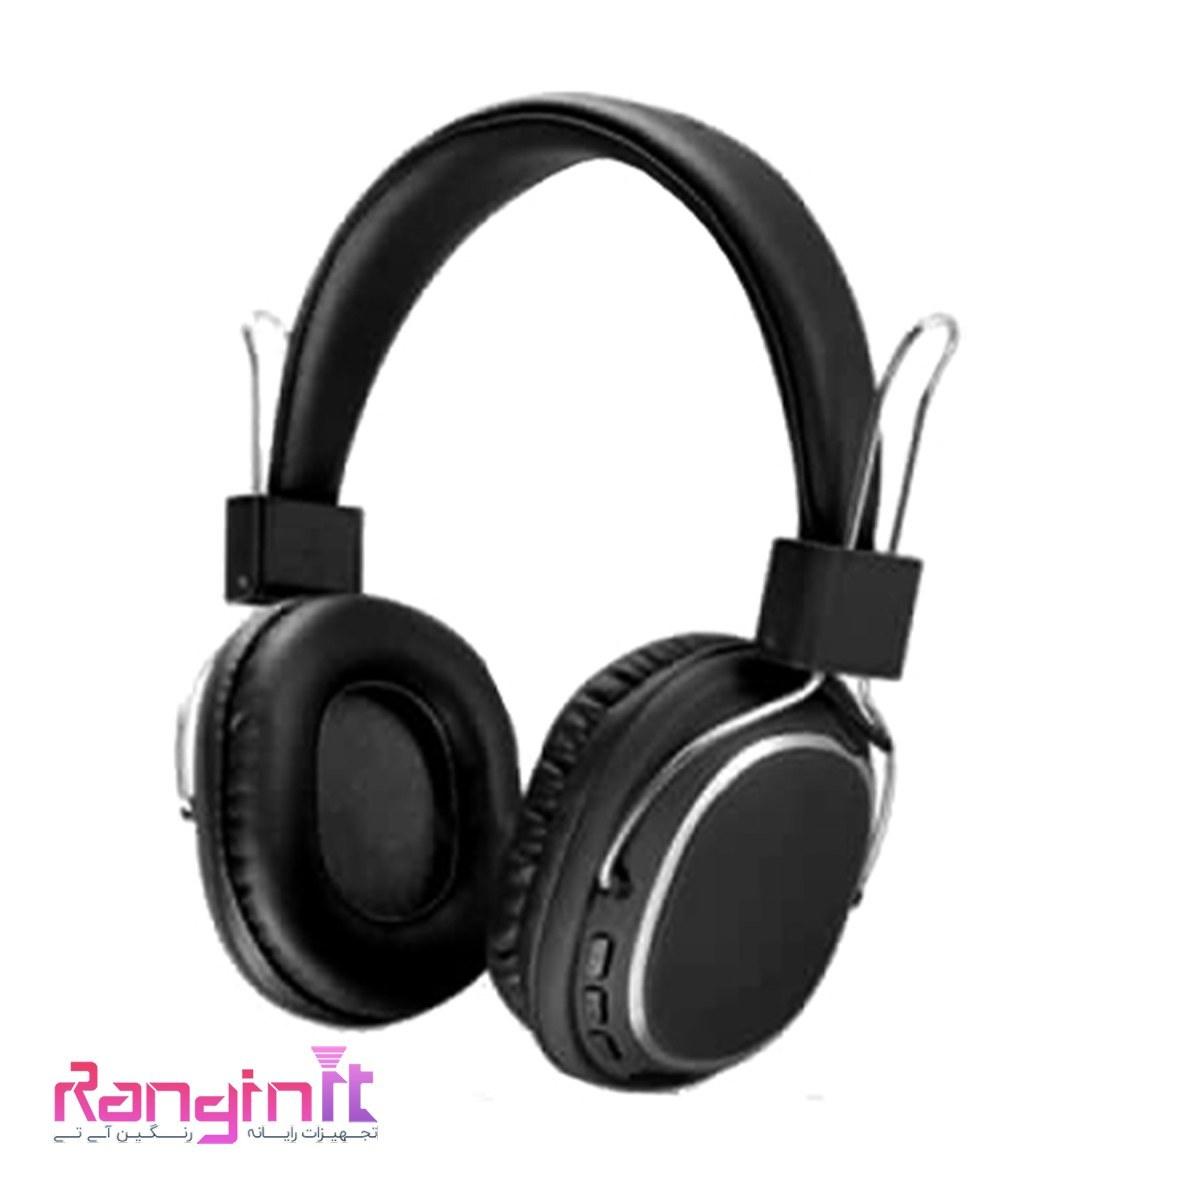 تصویر هدفن بلوتوث تسکو مدل TH5346 TSCO TH 5346 Bluetooth Stereo Headset